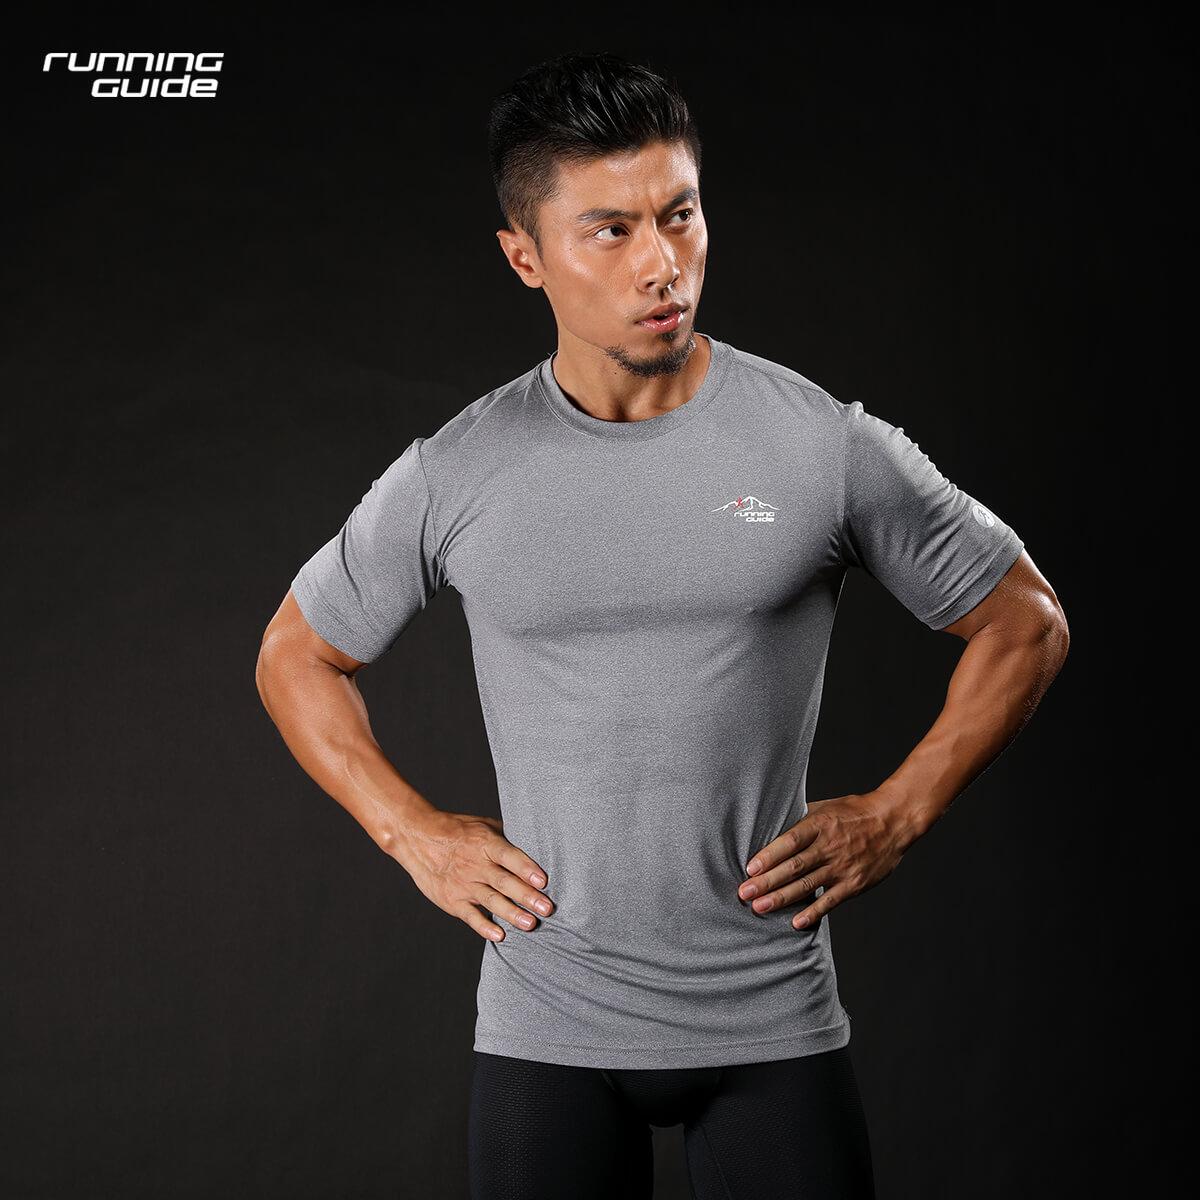 跑步指南 3638新品男款跑步运动T恤短袖圆领超轻速干透气健身休